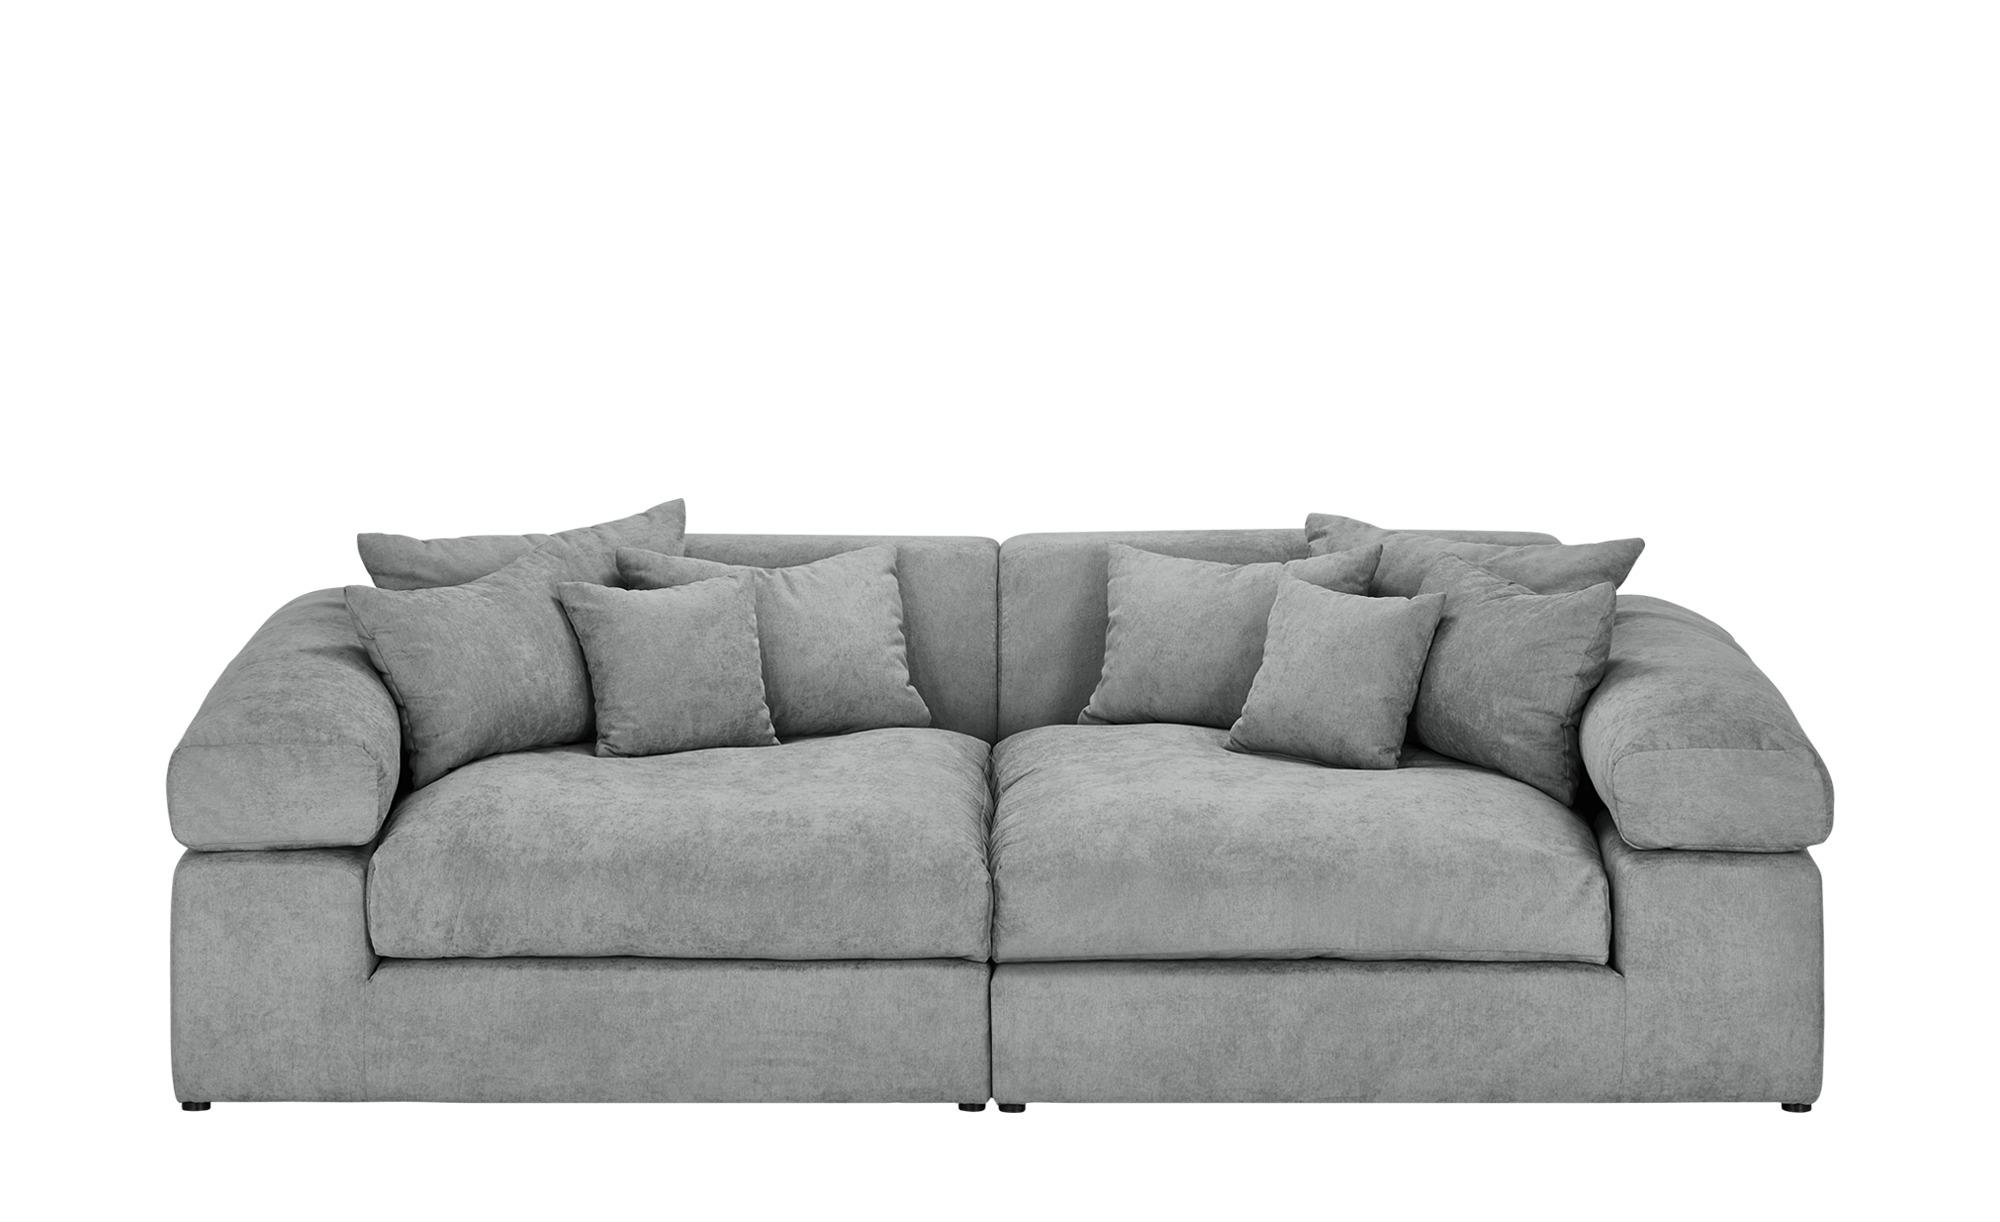 smart Big Sofa grau - Flachgewebe Lianea ¦ grau ¦ Maße (cm): B: 276 H: 78 T: 135 Polstermöbel > Sofas > Big-Sofas - Höffner